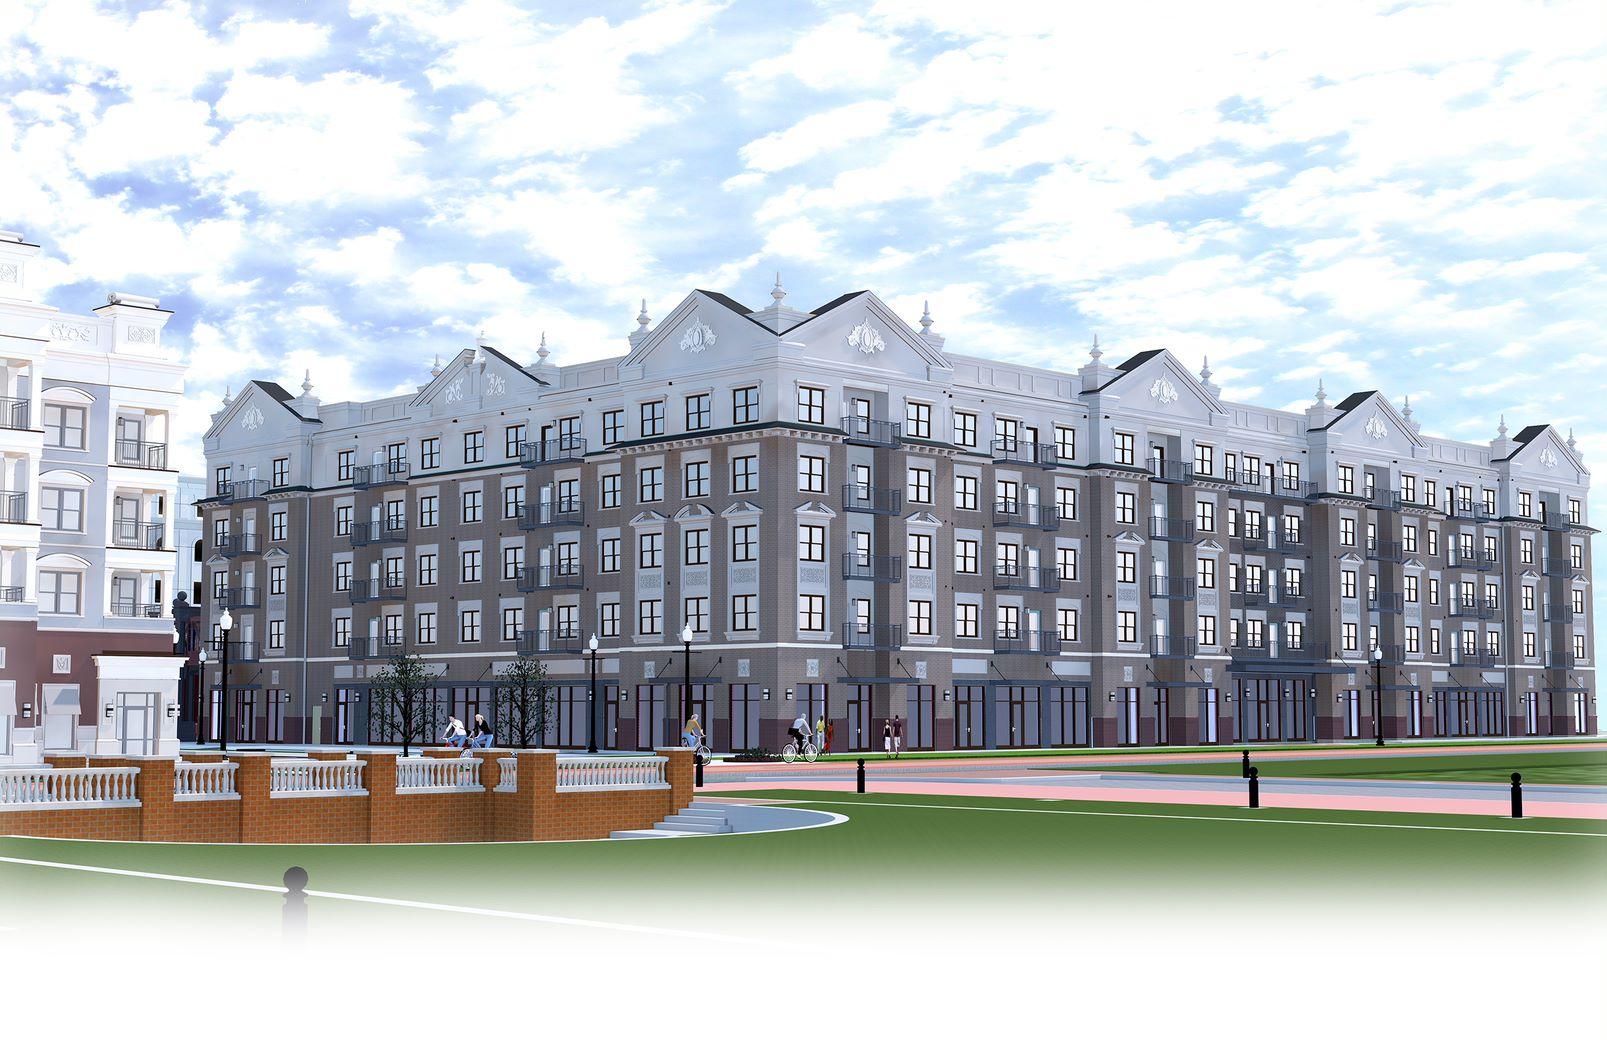 The Playfair Building